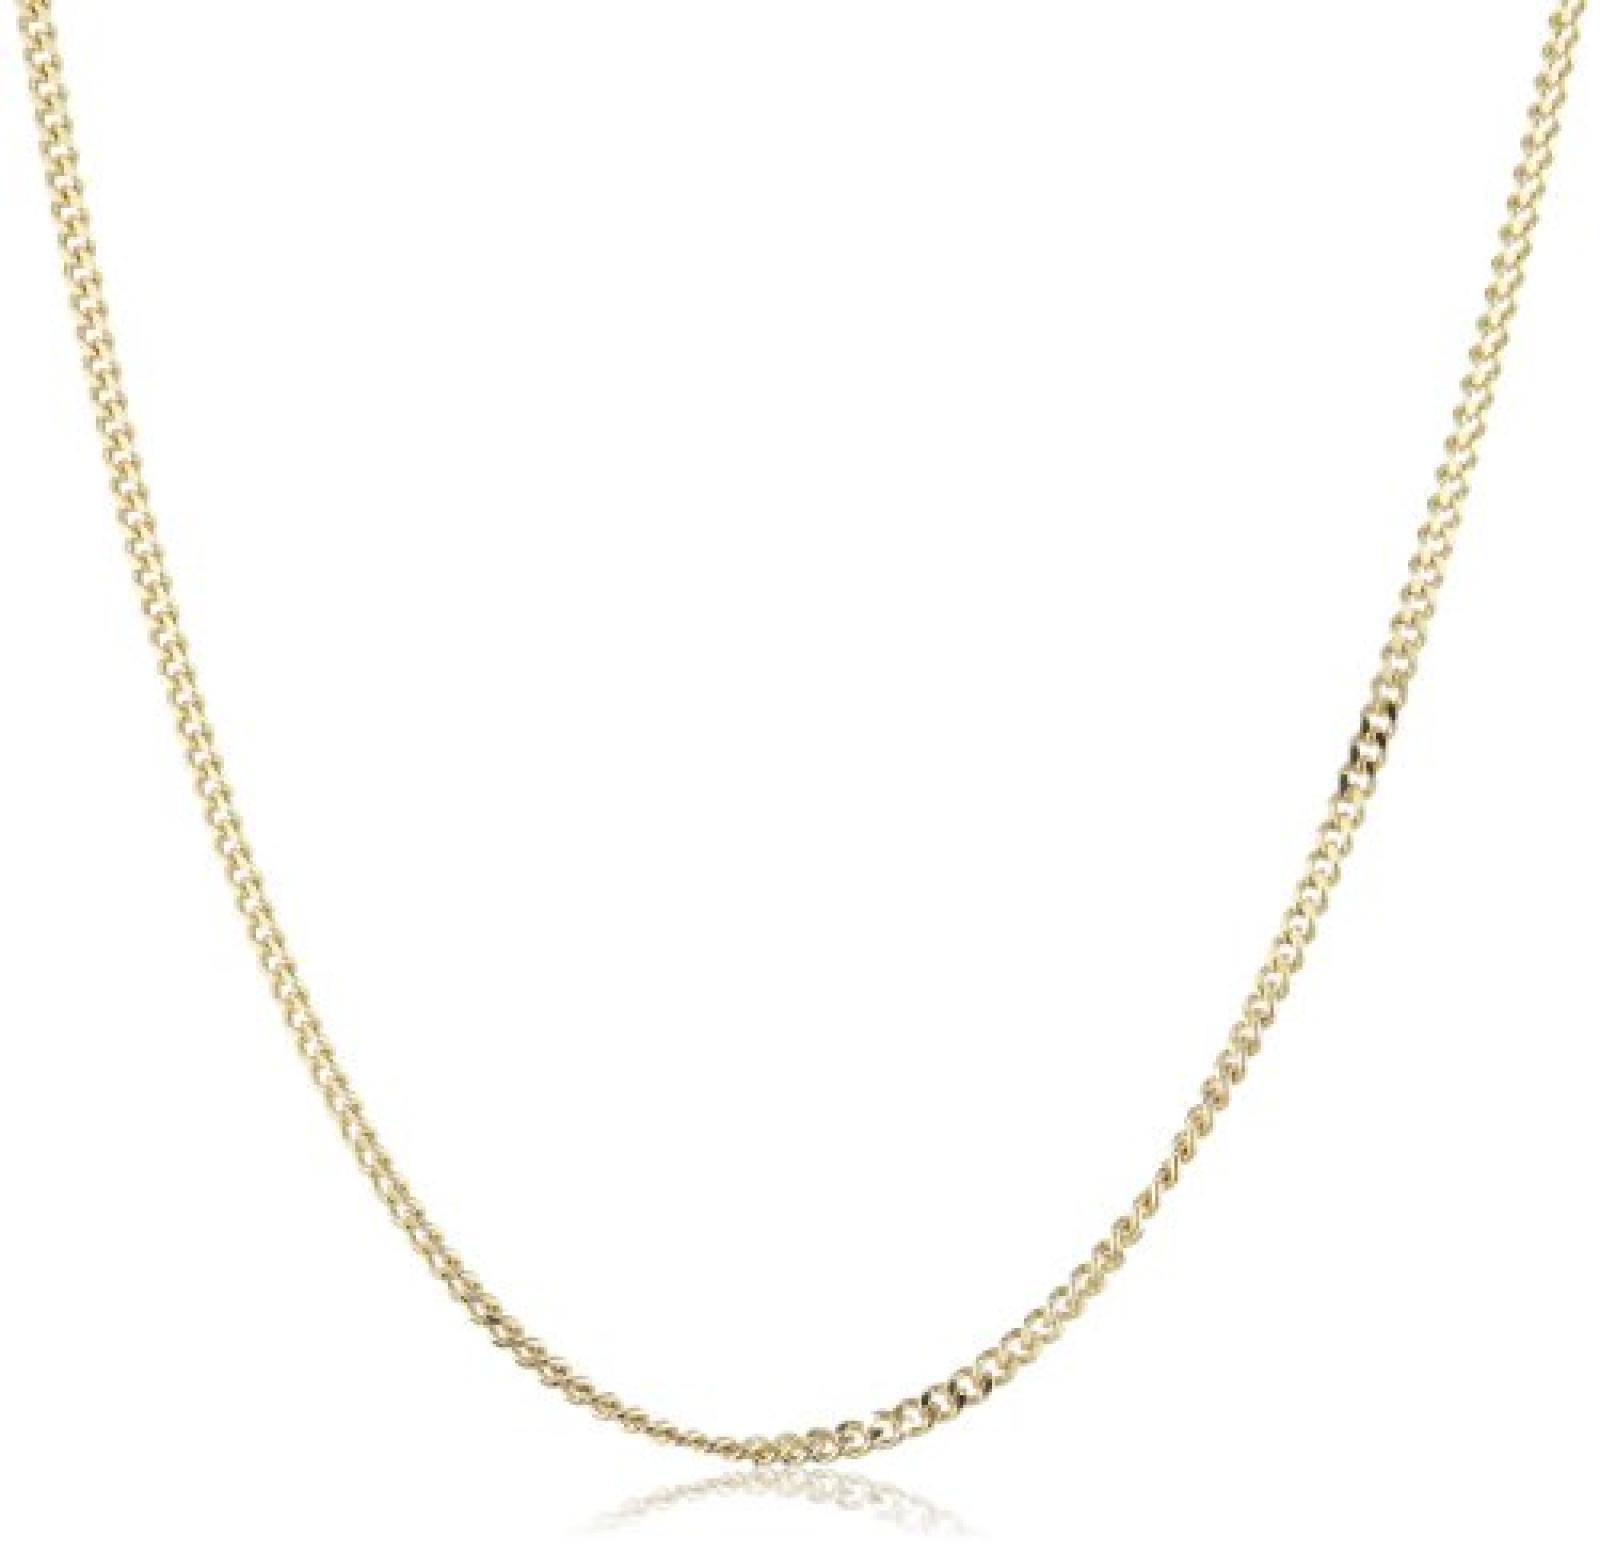 Amor Jewelry Unisex-Halskette 14 Karat 585 Gelbgold 74117